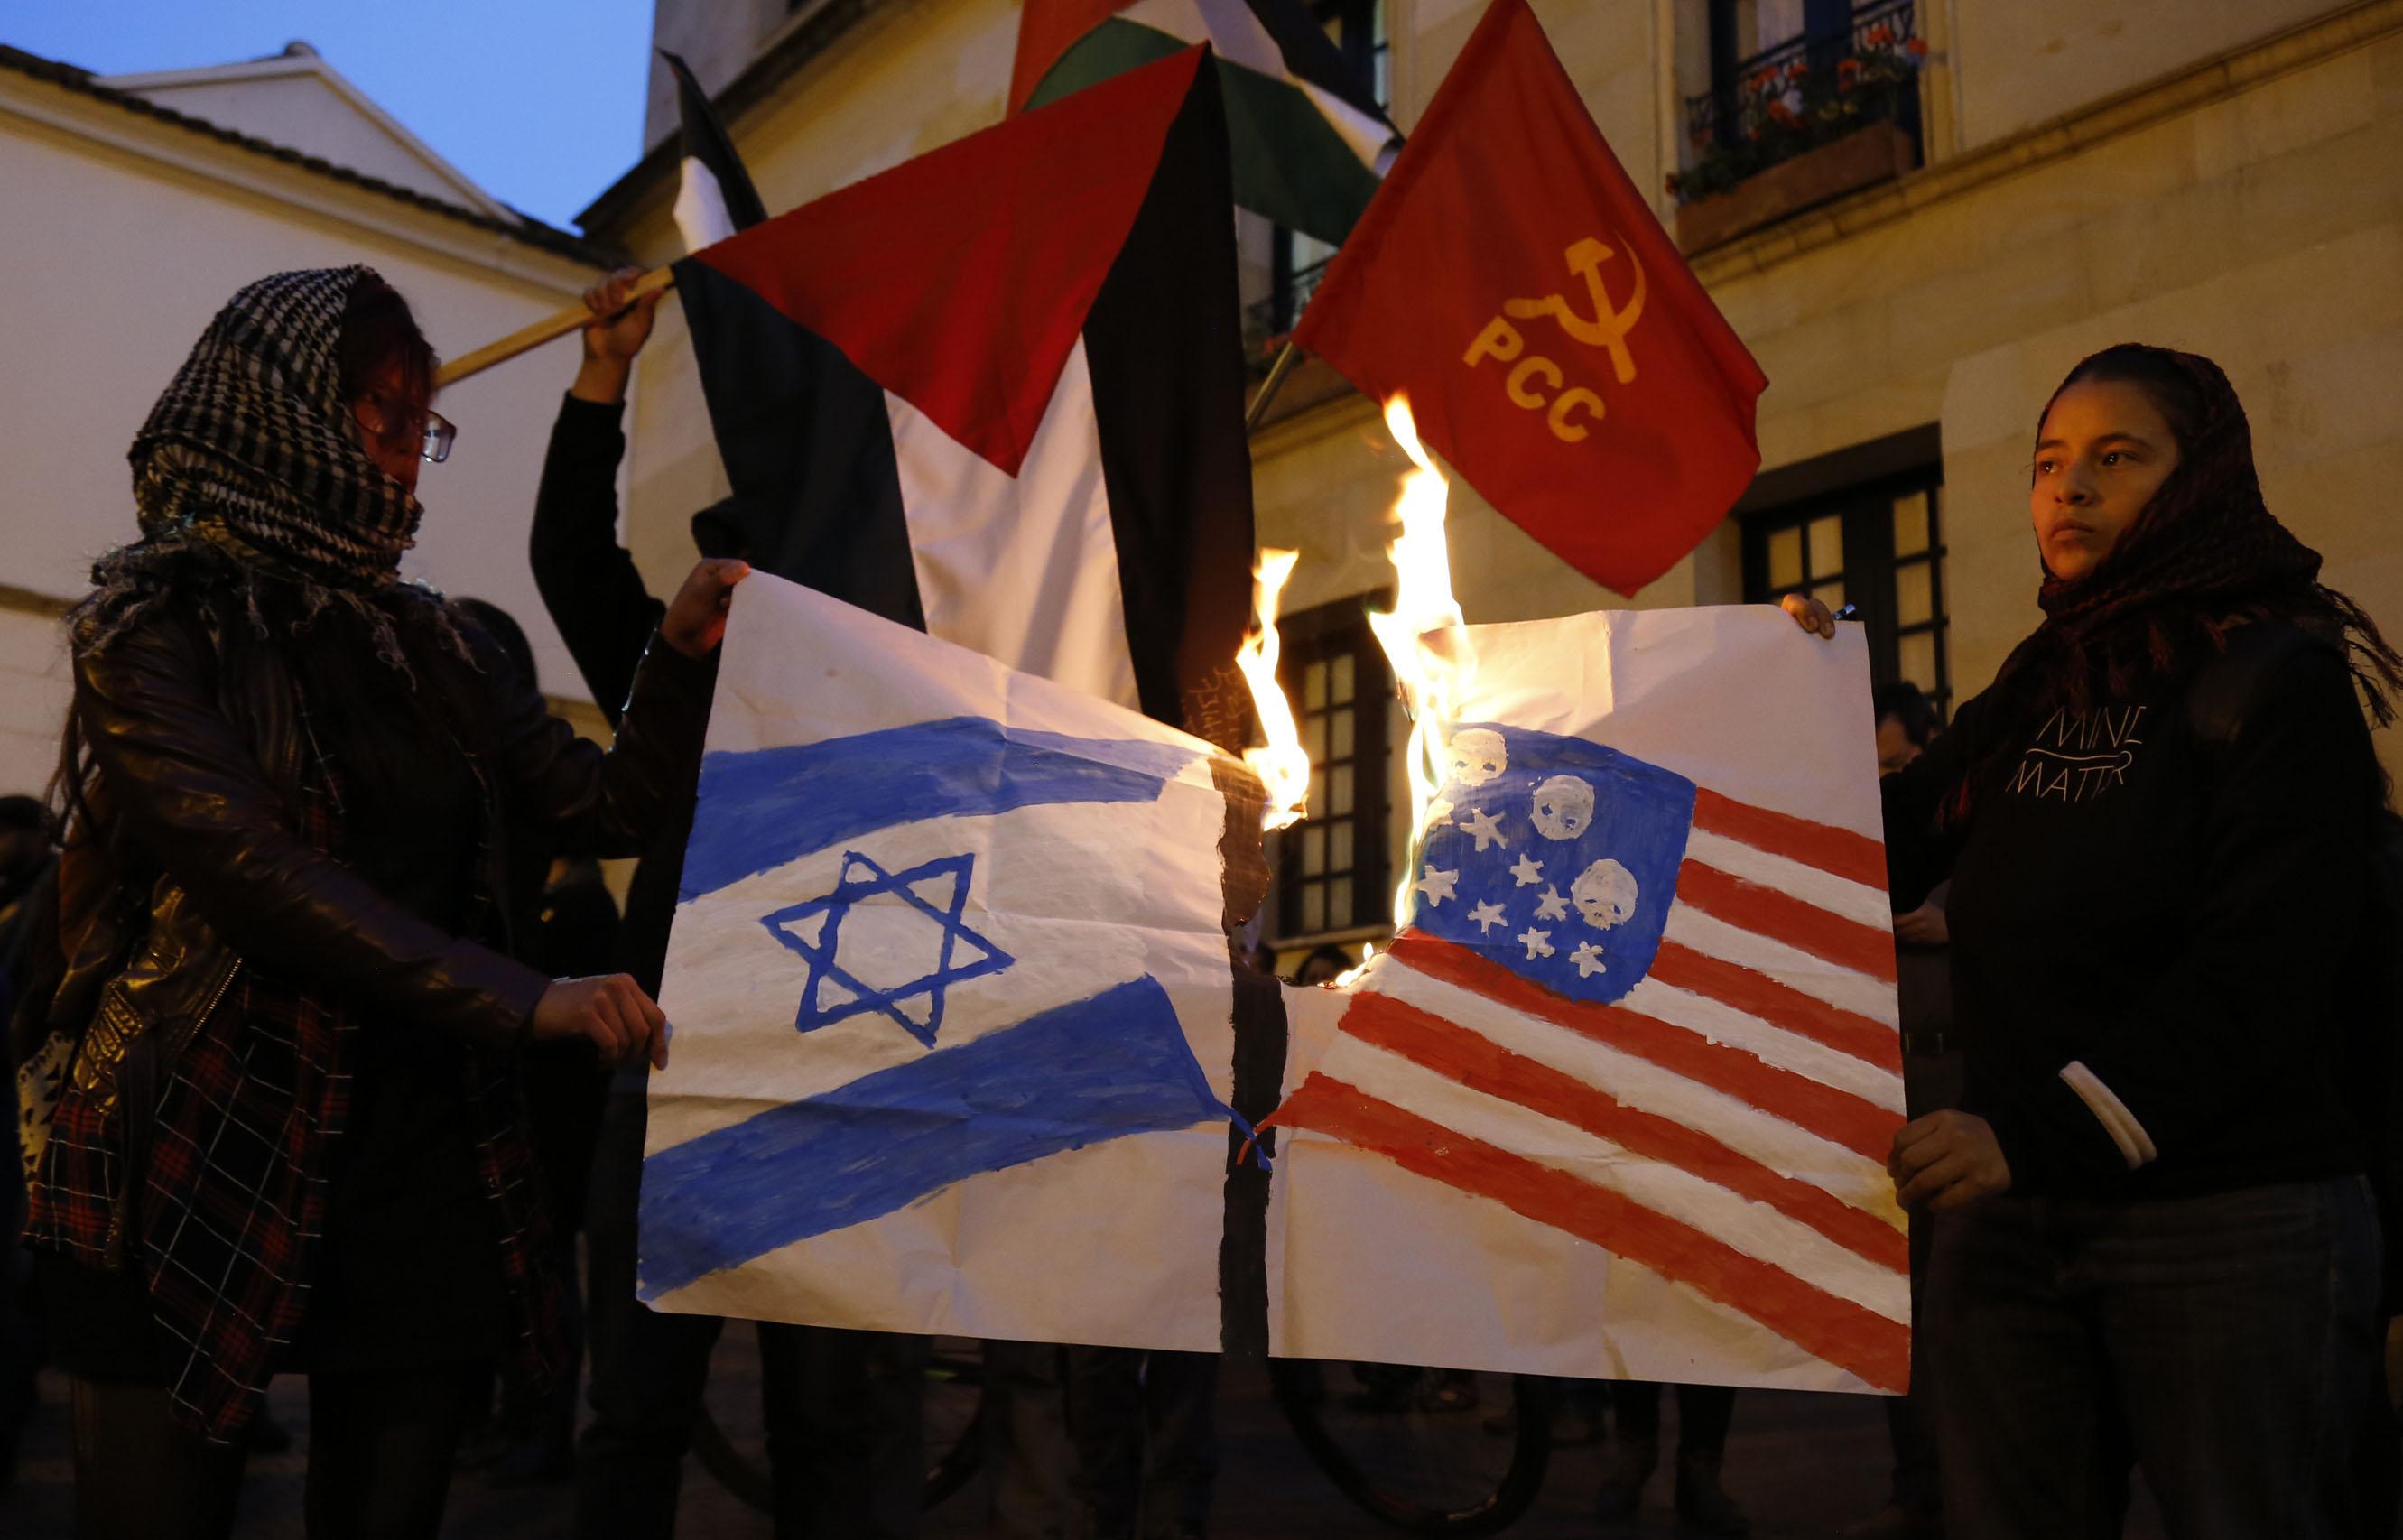 المحتجون يشعلون النار فى العلم الاسرائيلى والامريكي